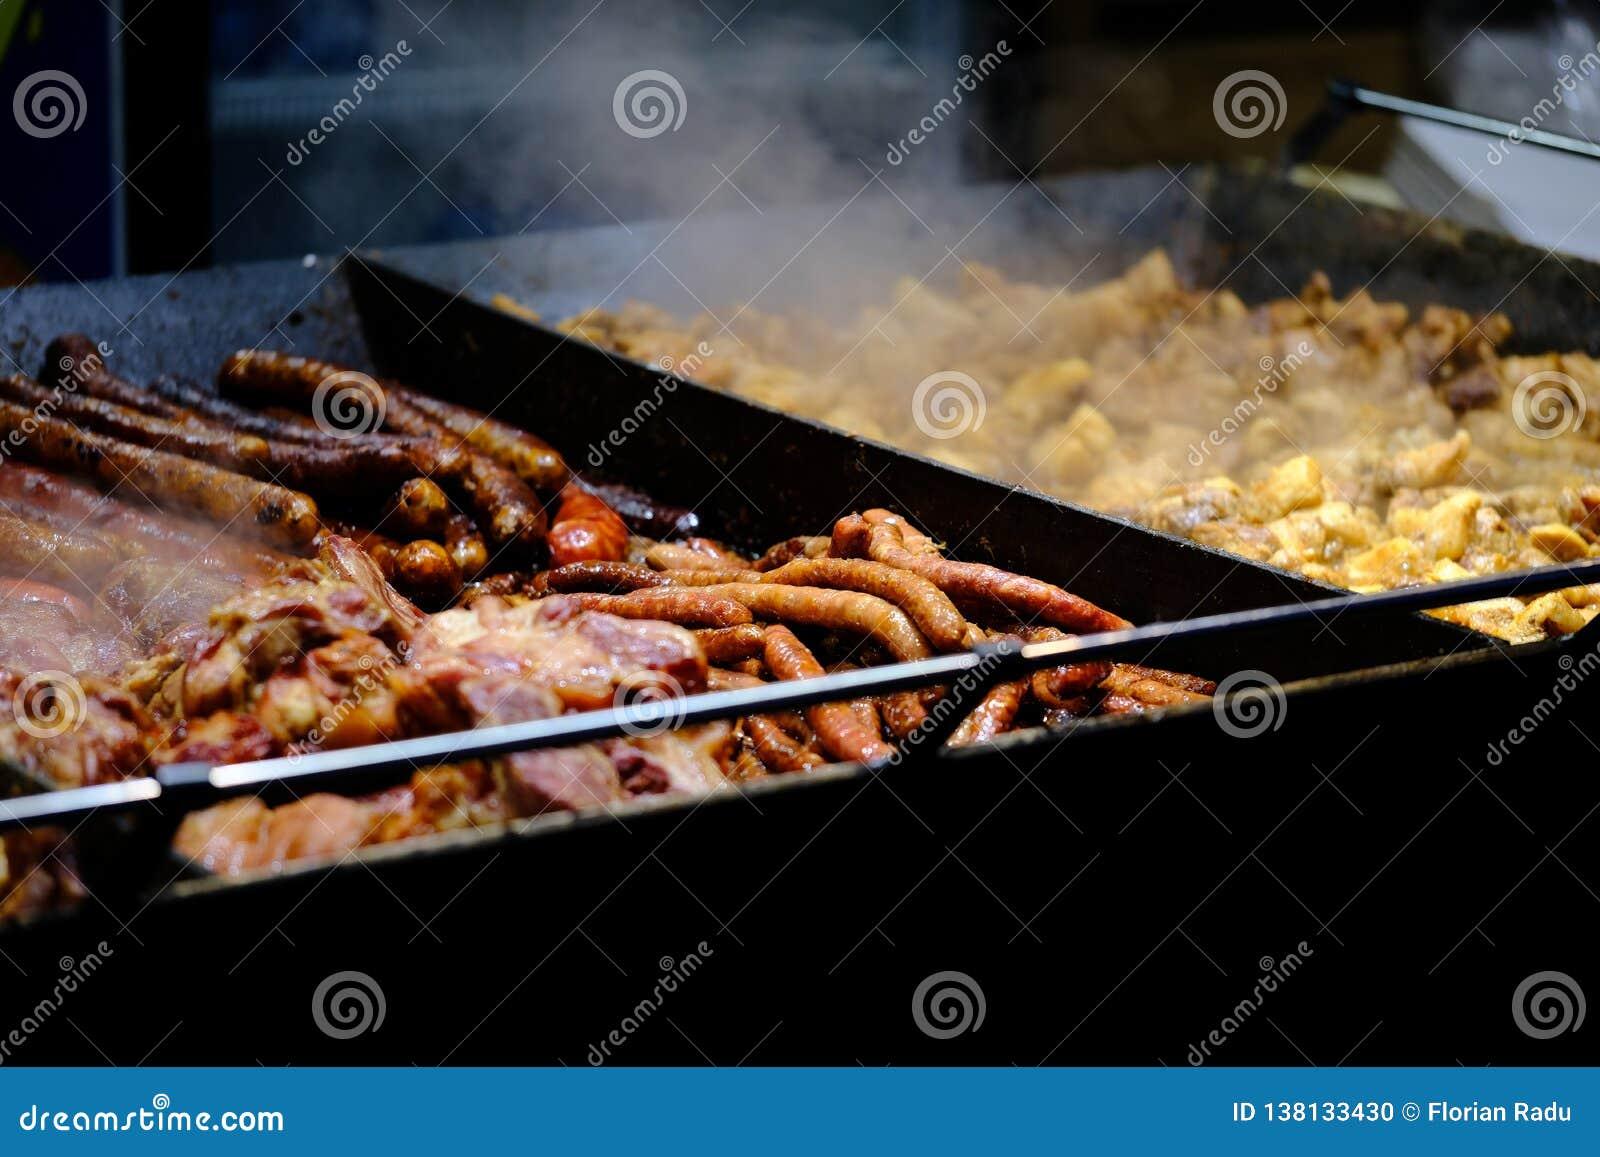 Geroosterd vlees